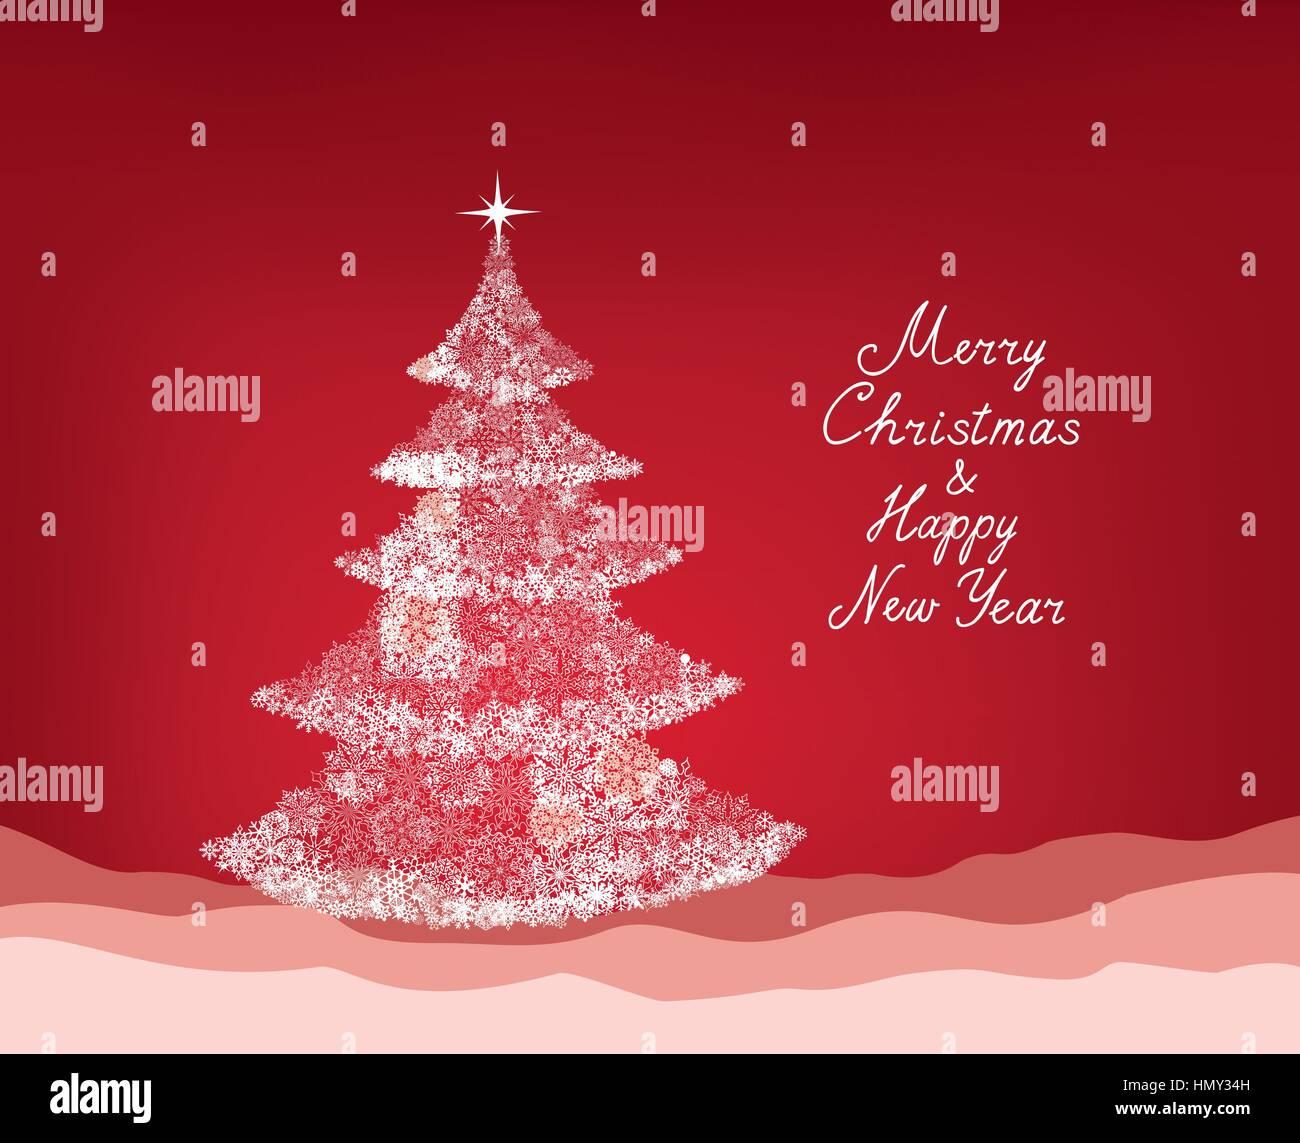 Weihnachten Hintergrund mit neuen Jahr Baum, Schnee und ...